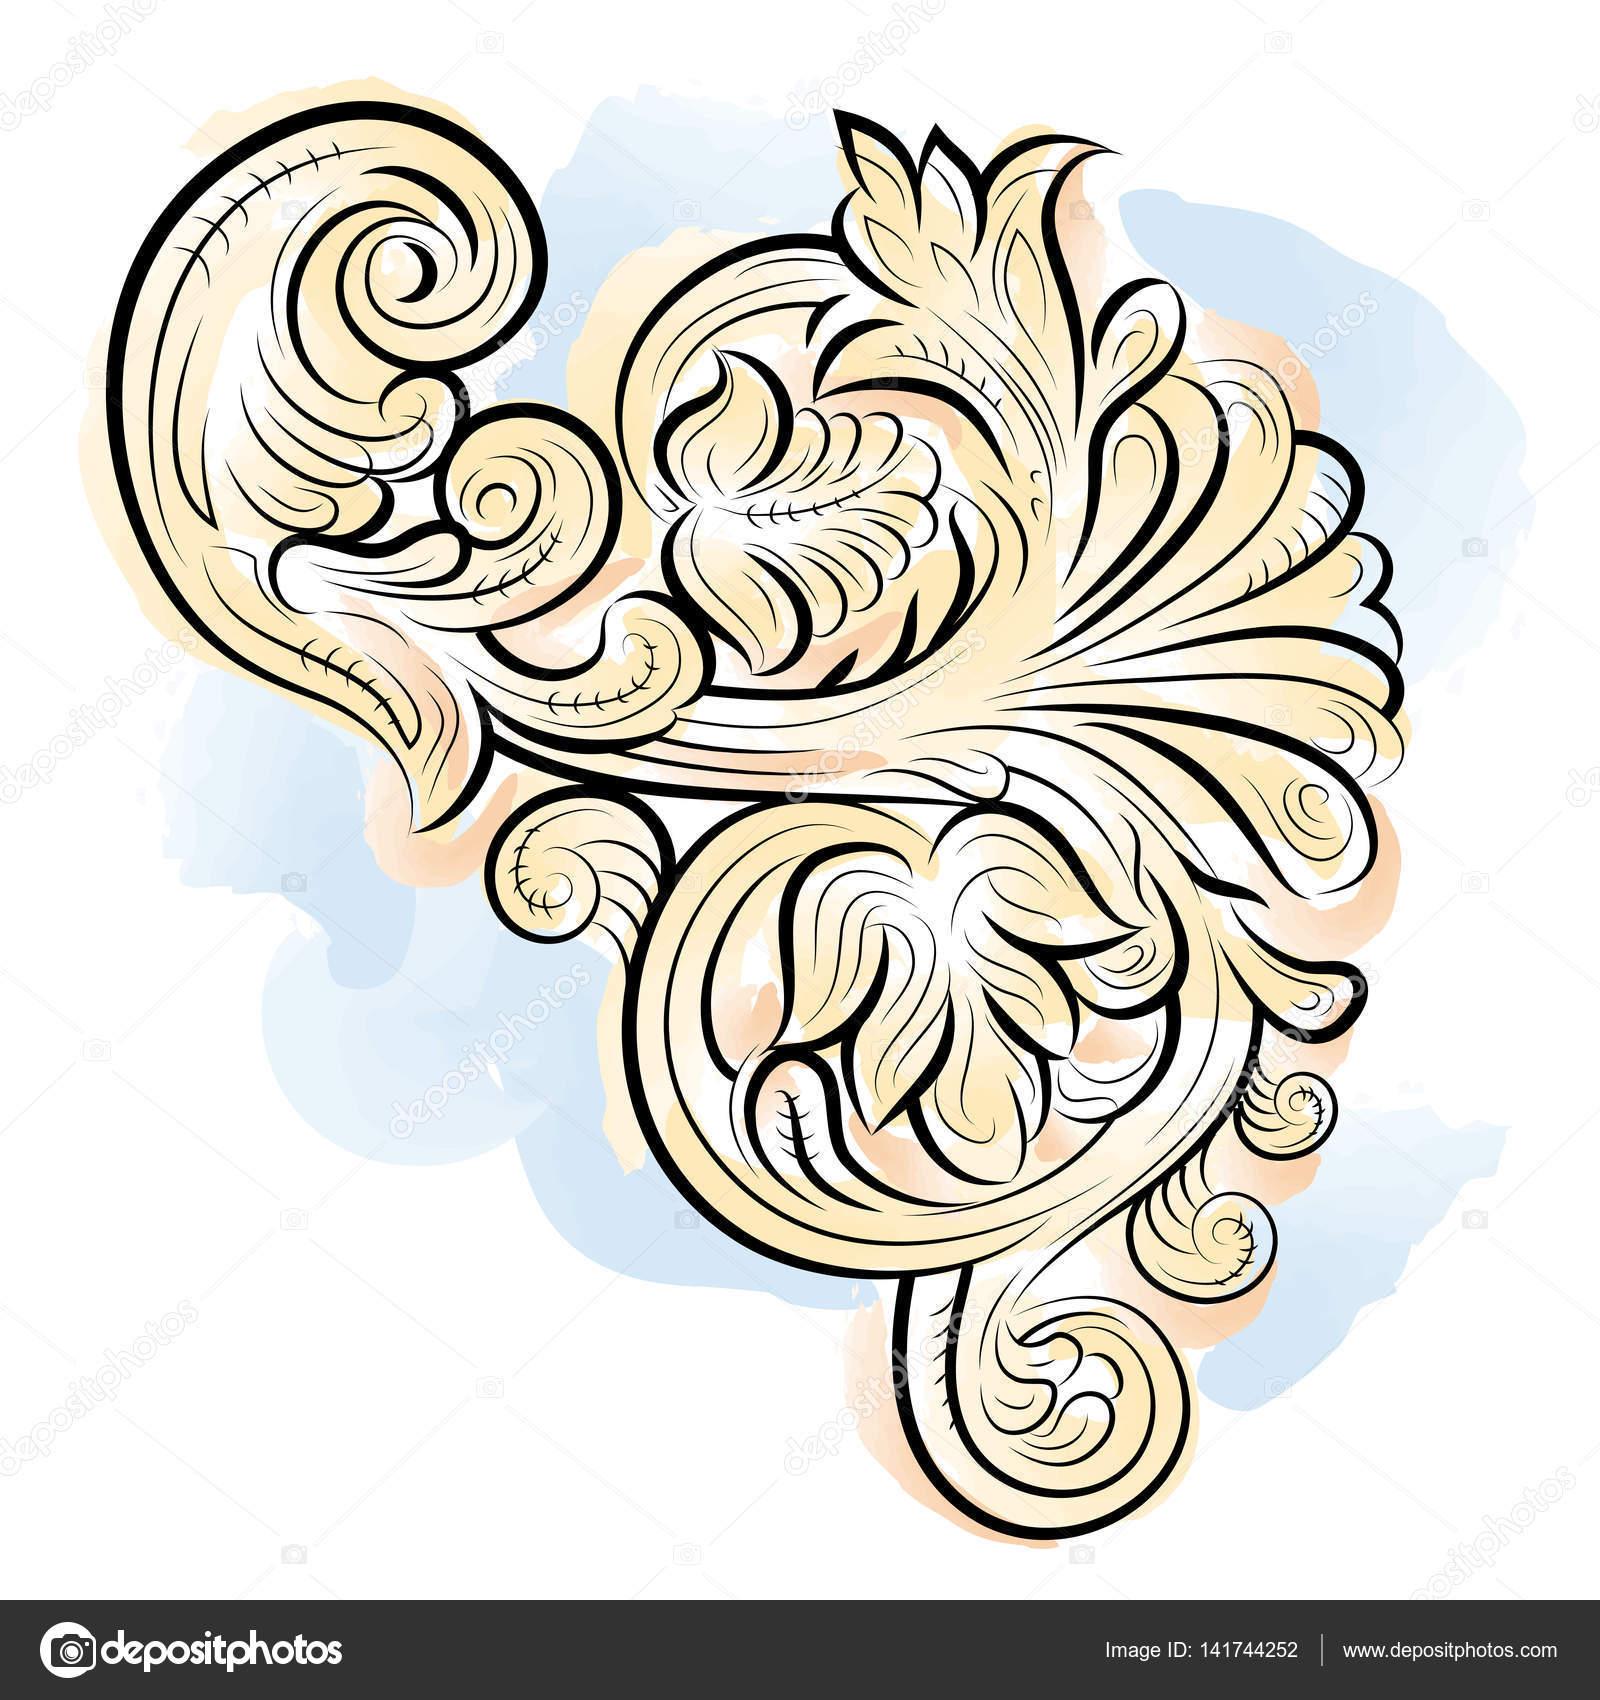 Patrón de color de dibujo con hojas, Vladimir, Rusia — Archivo ...